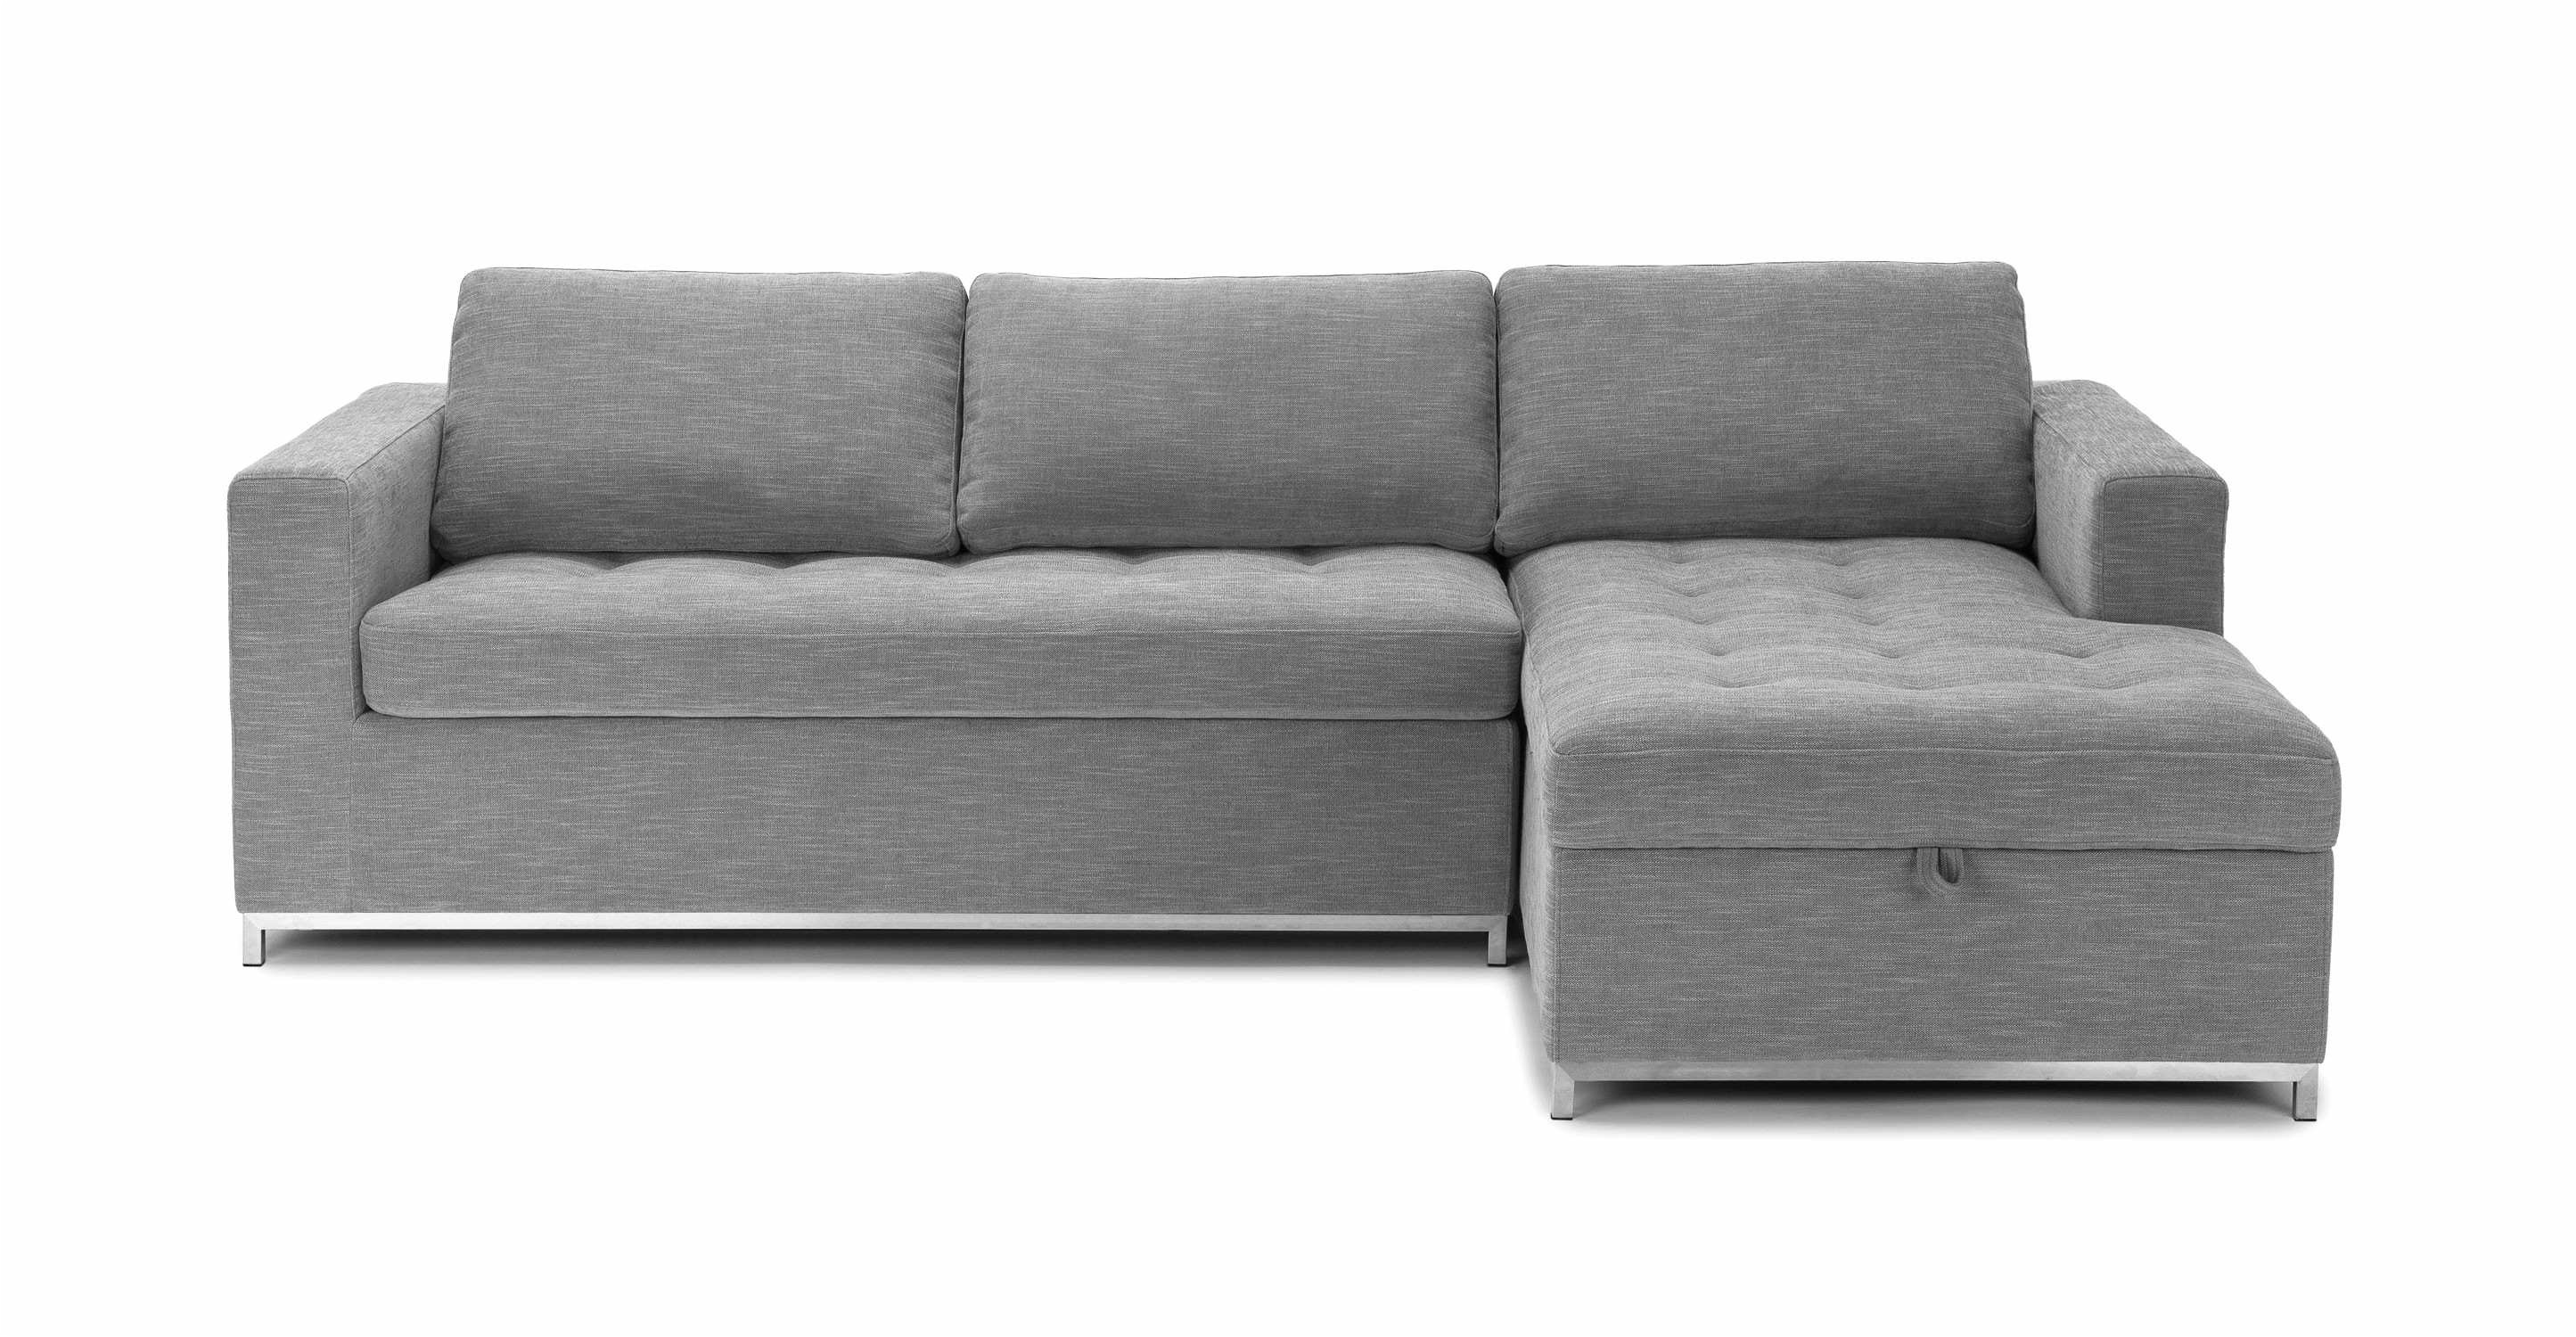 smart sofa beste couch kinderzimmer kleines sofa kinderzimmer genial schlafsofa foto of 20 beste smart sofa